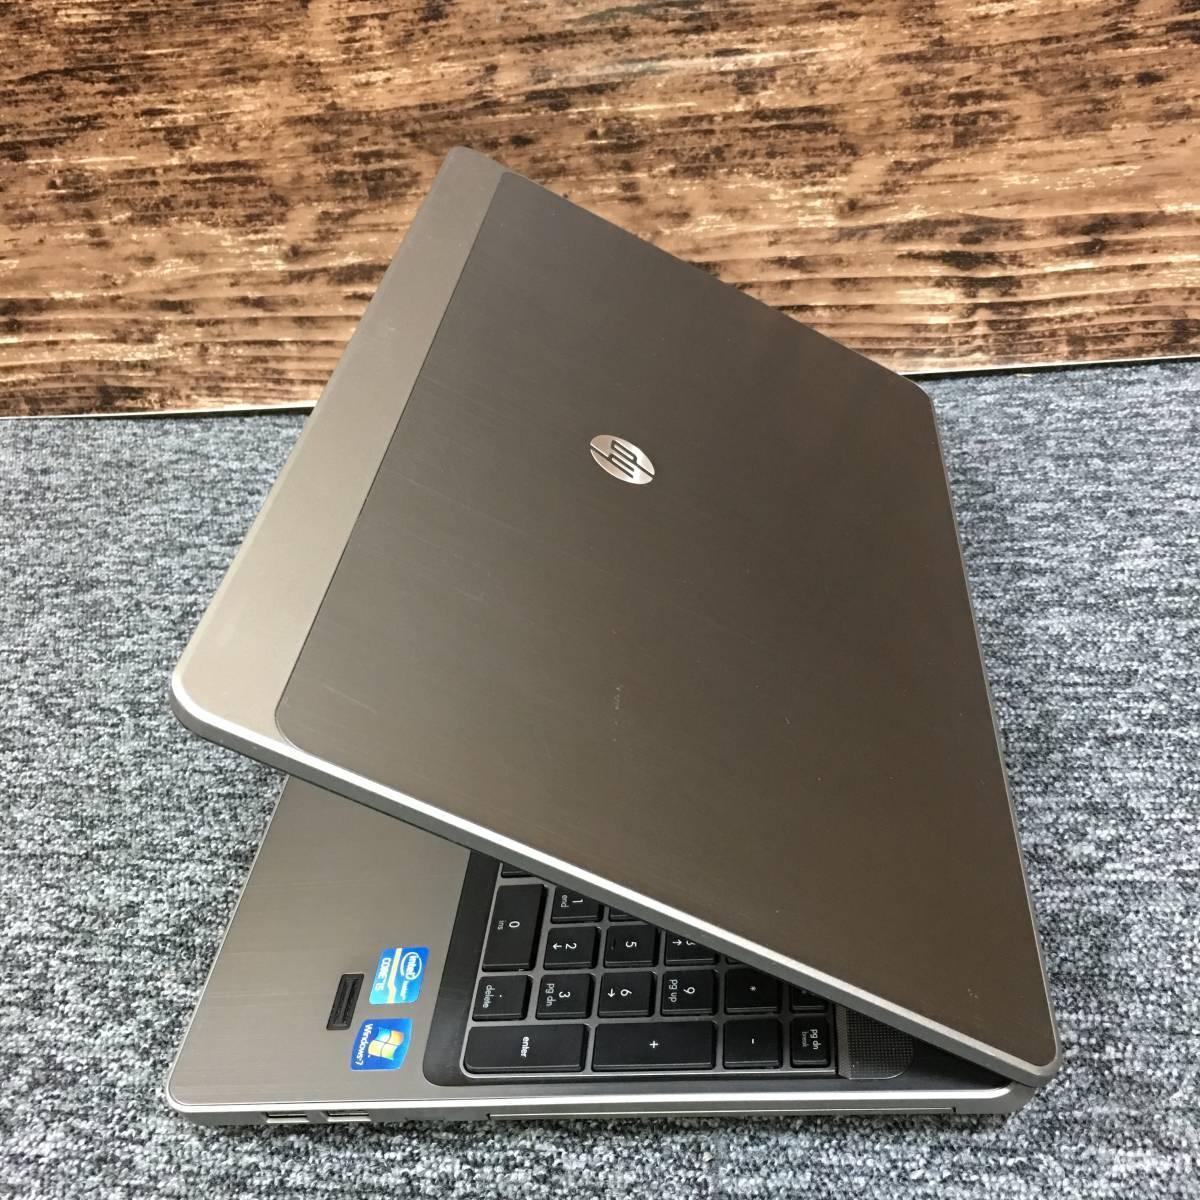 Win7 /中古ノートパソコン/HP ProBook 4530s/Core i5第二世代/Office 2016搭載/メモリ4GB/500GB/15.6インチ/DVDスーパーマルチ/無線LAN_画像3